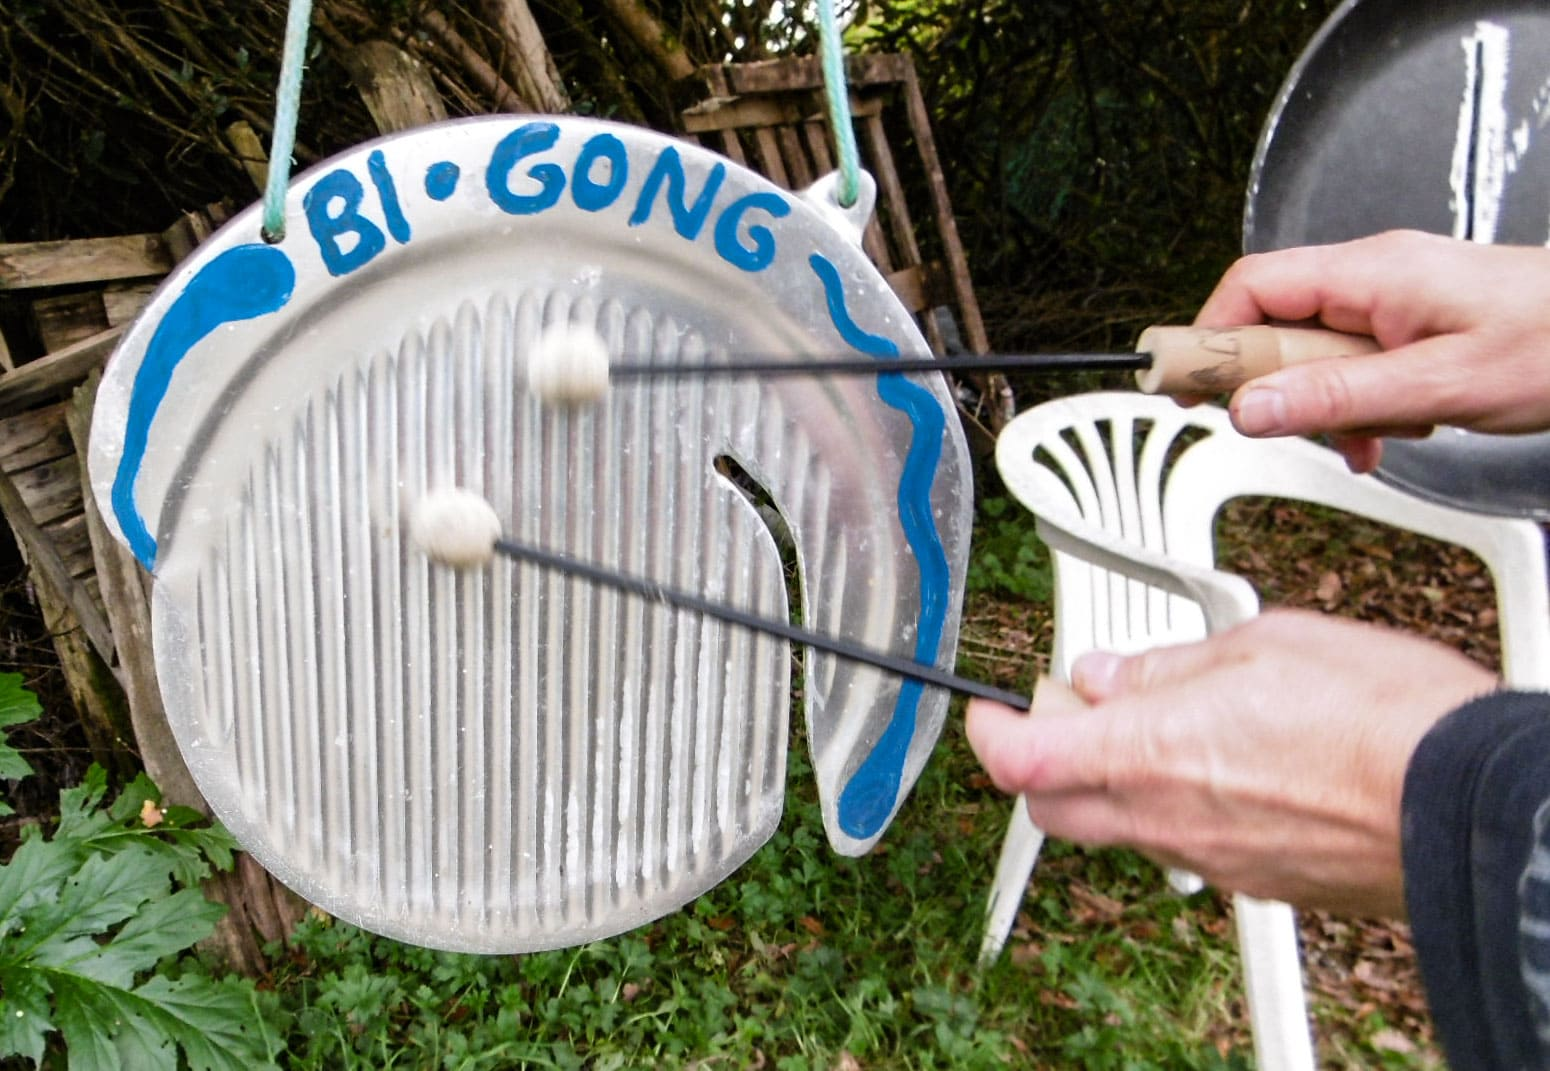 Bi Gong